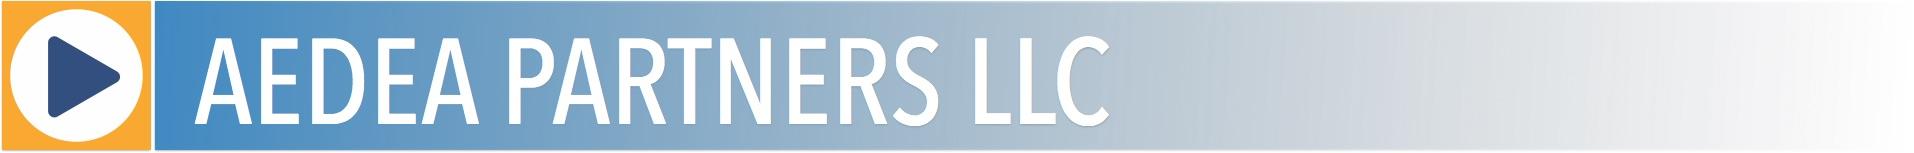 AEDEA logo